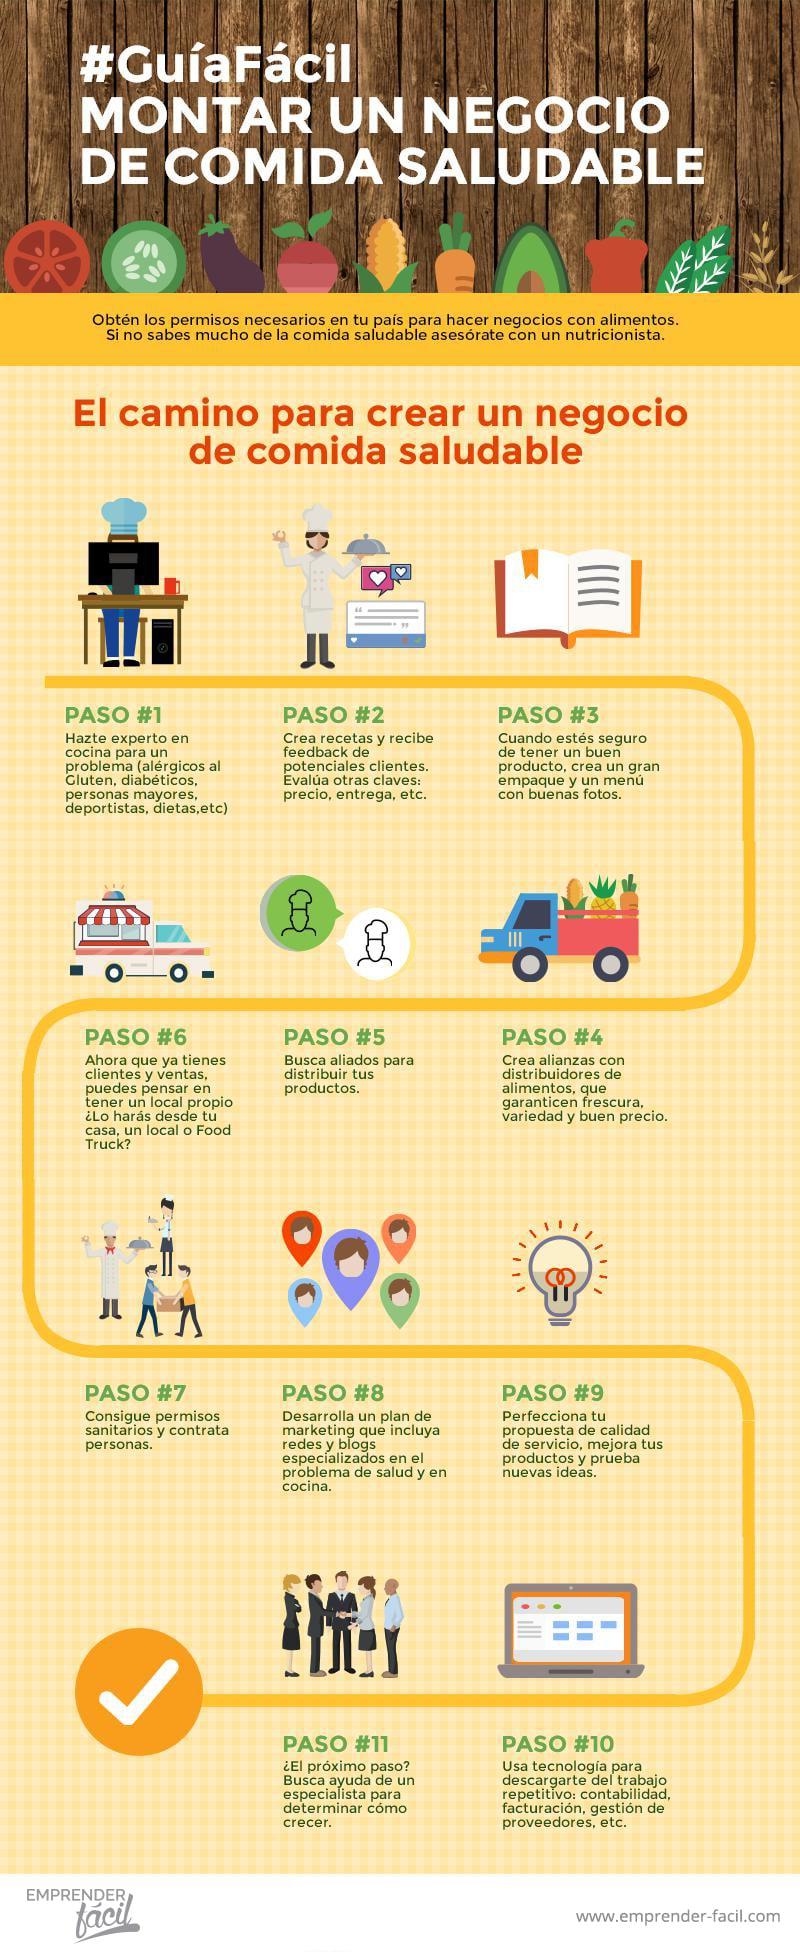 #GuíaFácil para montar un negocio de comida saludable